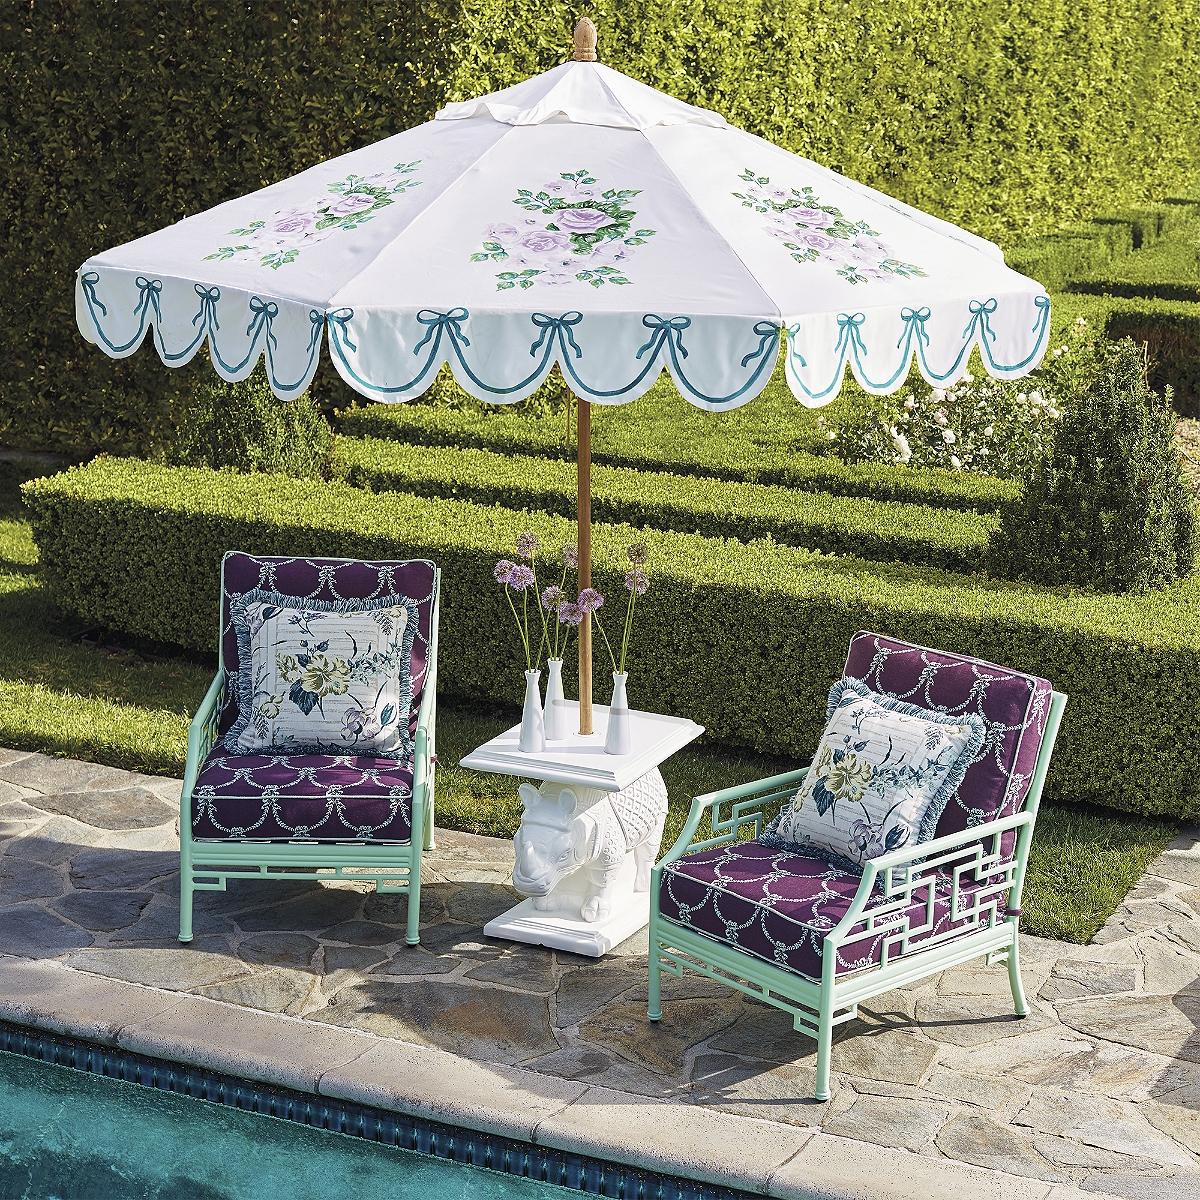 designer patio umbrellas large cantilever patio umbrella with patio furniture and white cushion patio chairs catalog - Designer Patio Umbrellas